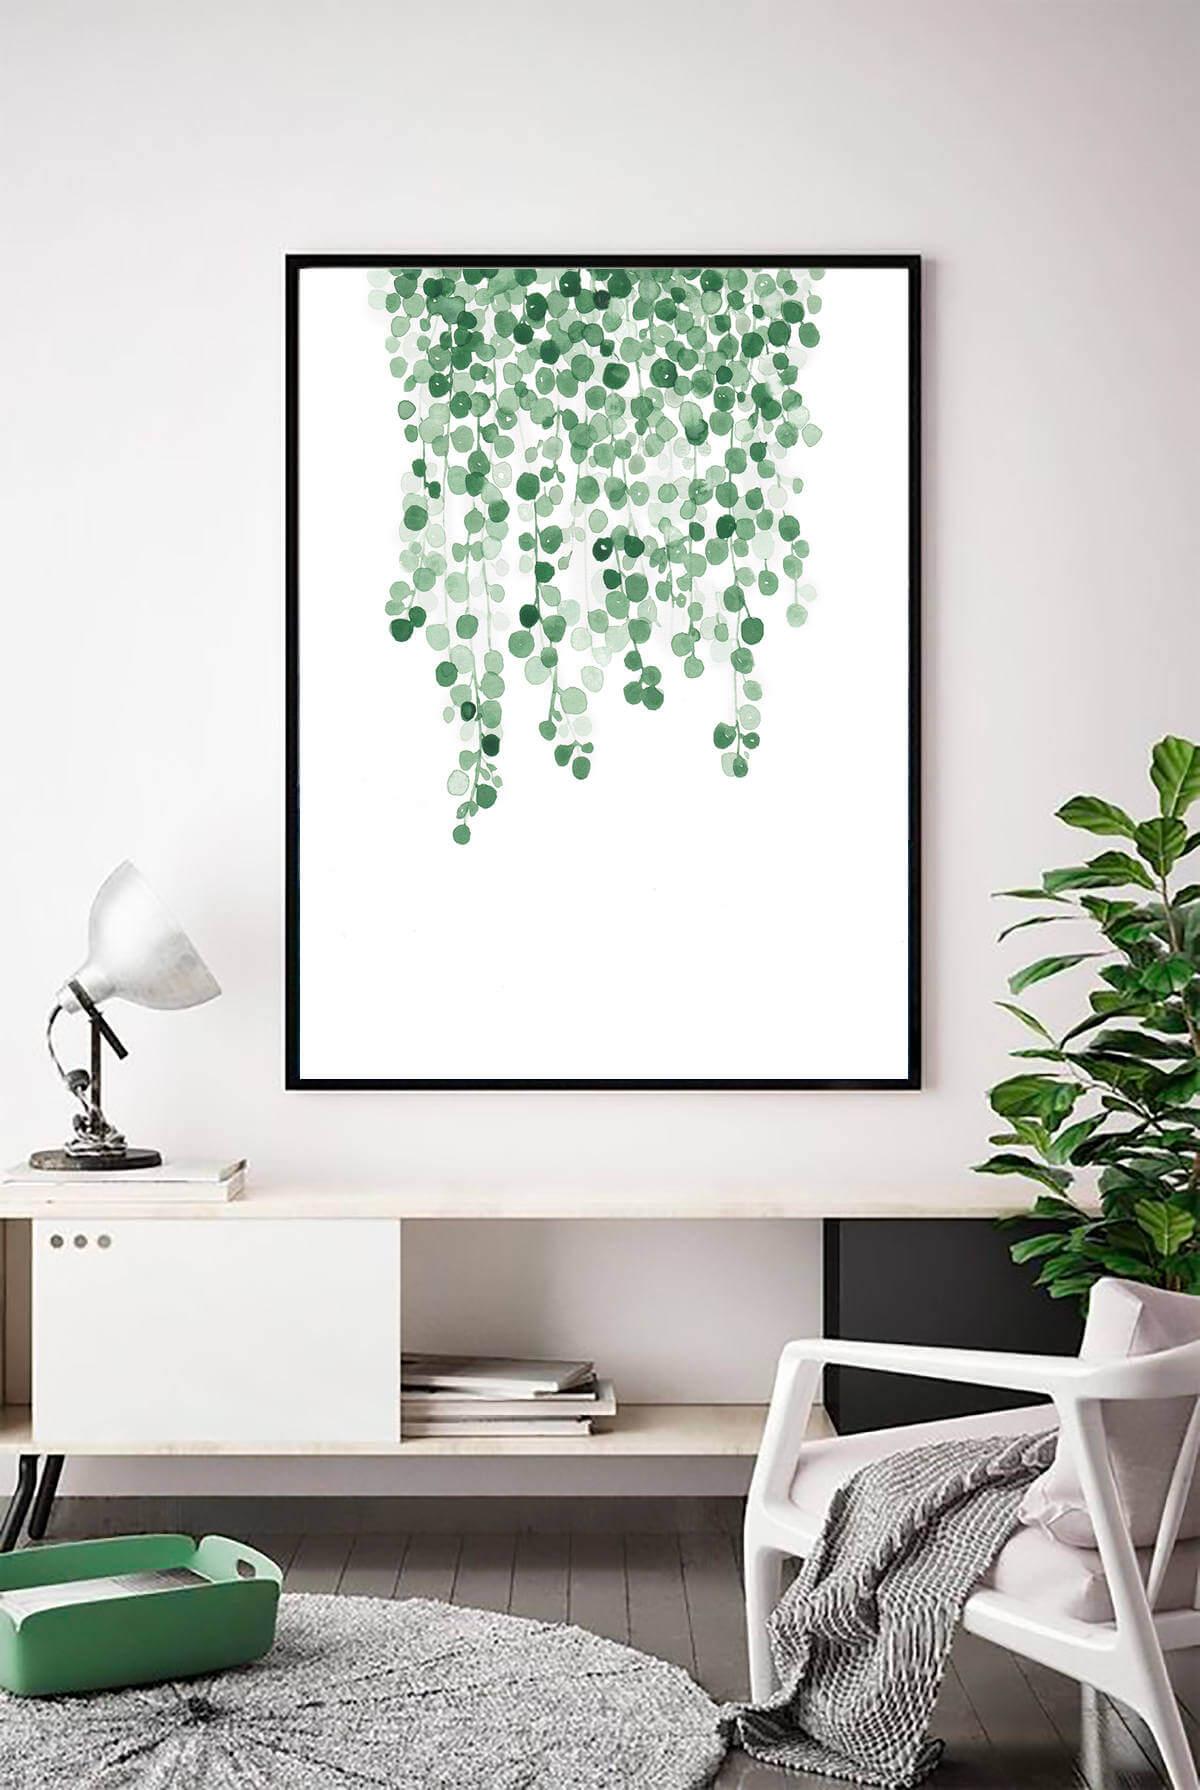 L'art botanique ajoute une touche de couleur